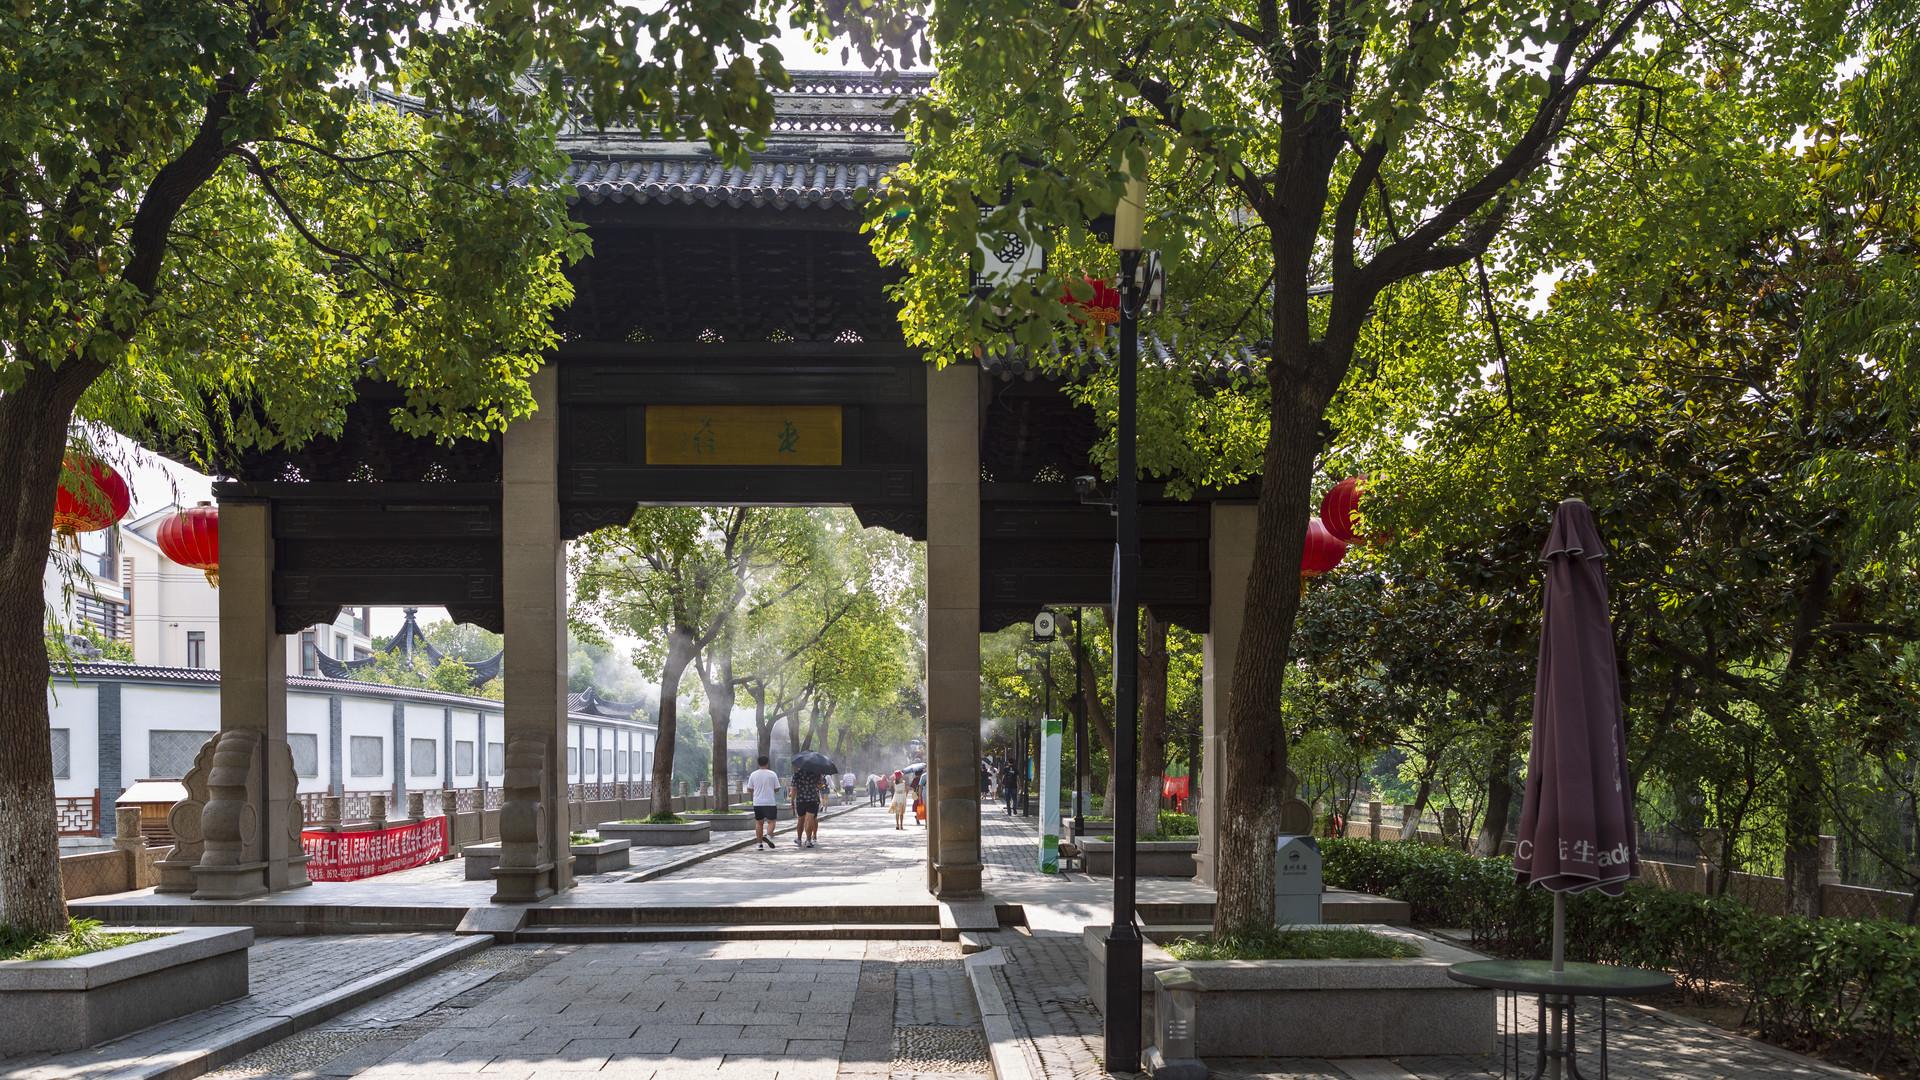 苏州这个古镇,因西施而建,乾隆曾驻足六次,跟苏州城年龄相同